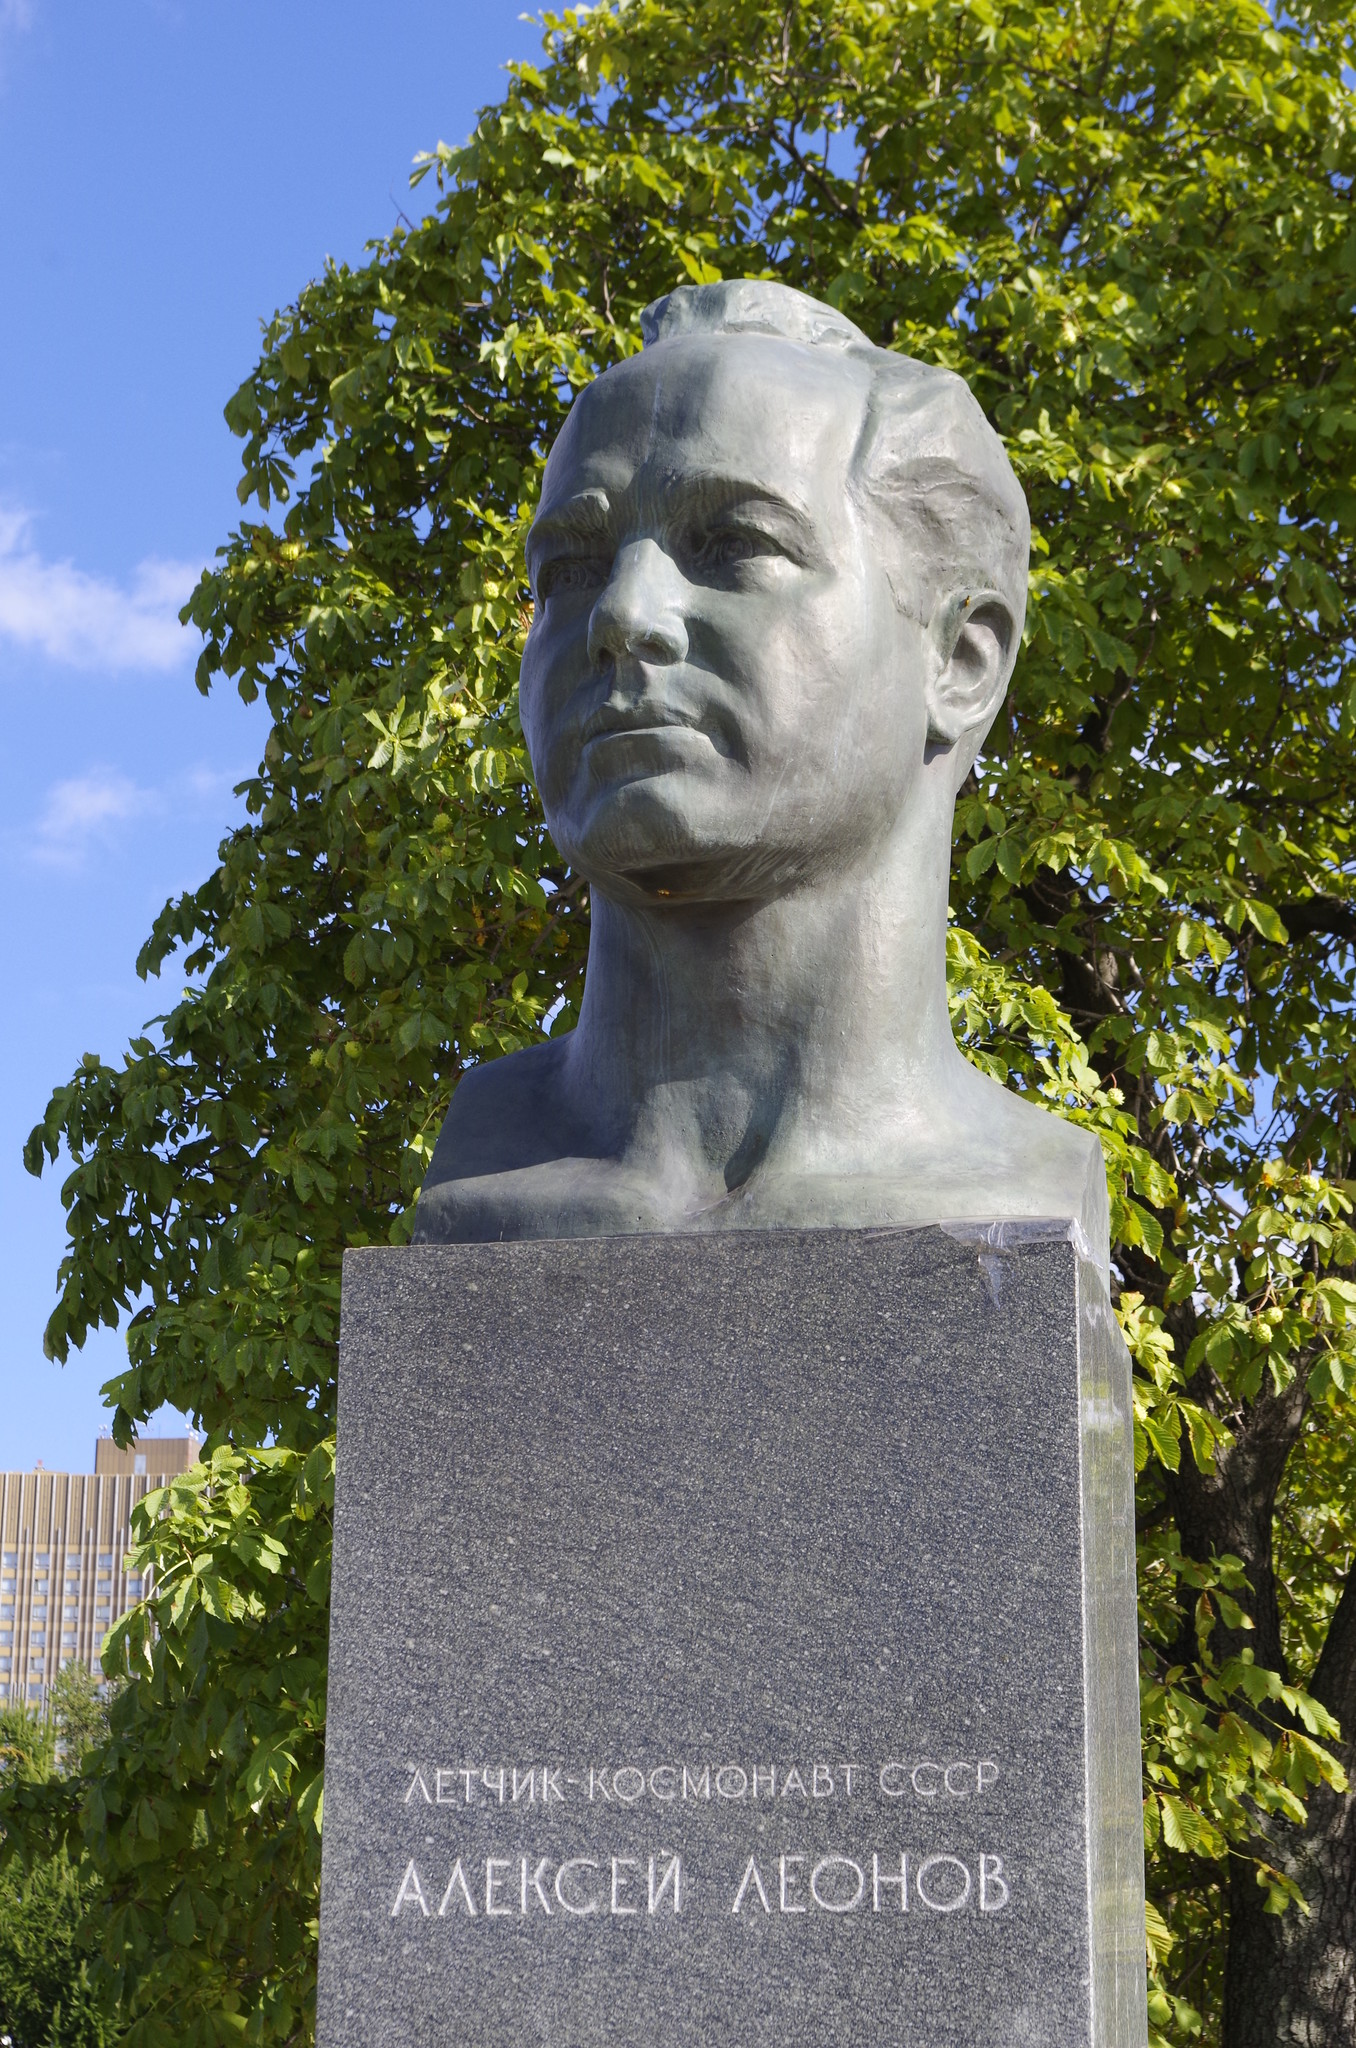 Памятник Алексею Леонову на Аллее Космонавтов в Москве